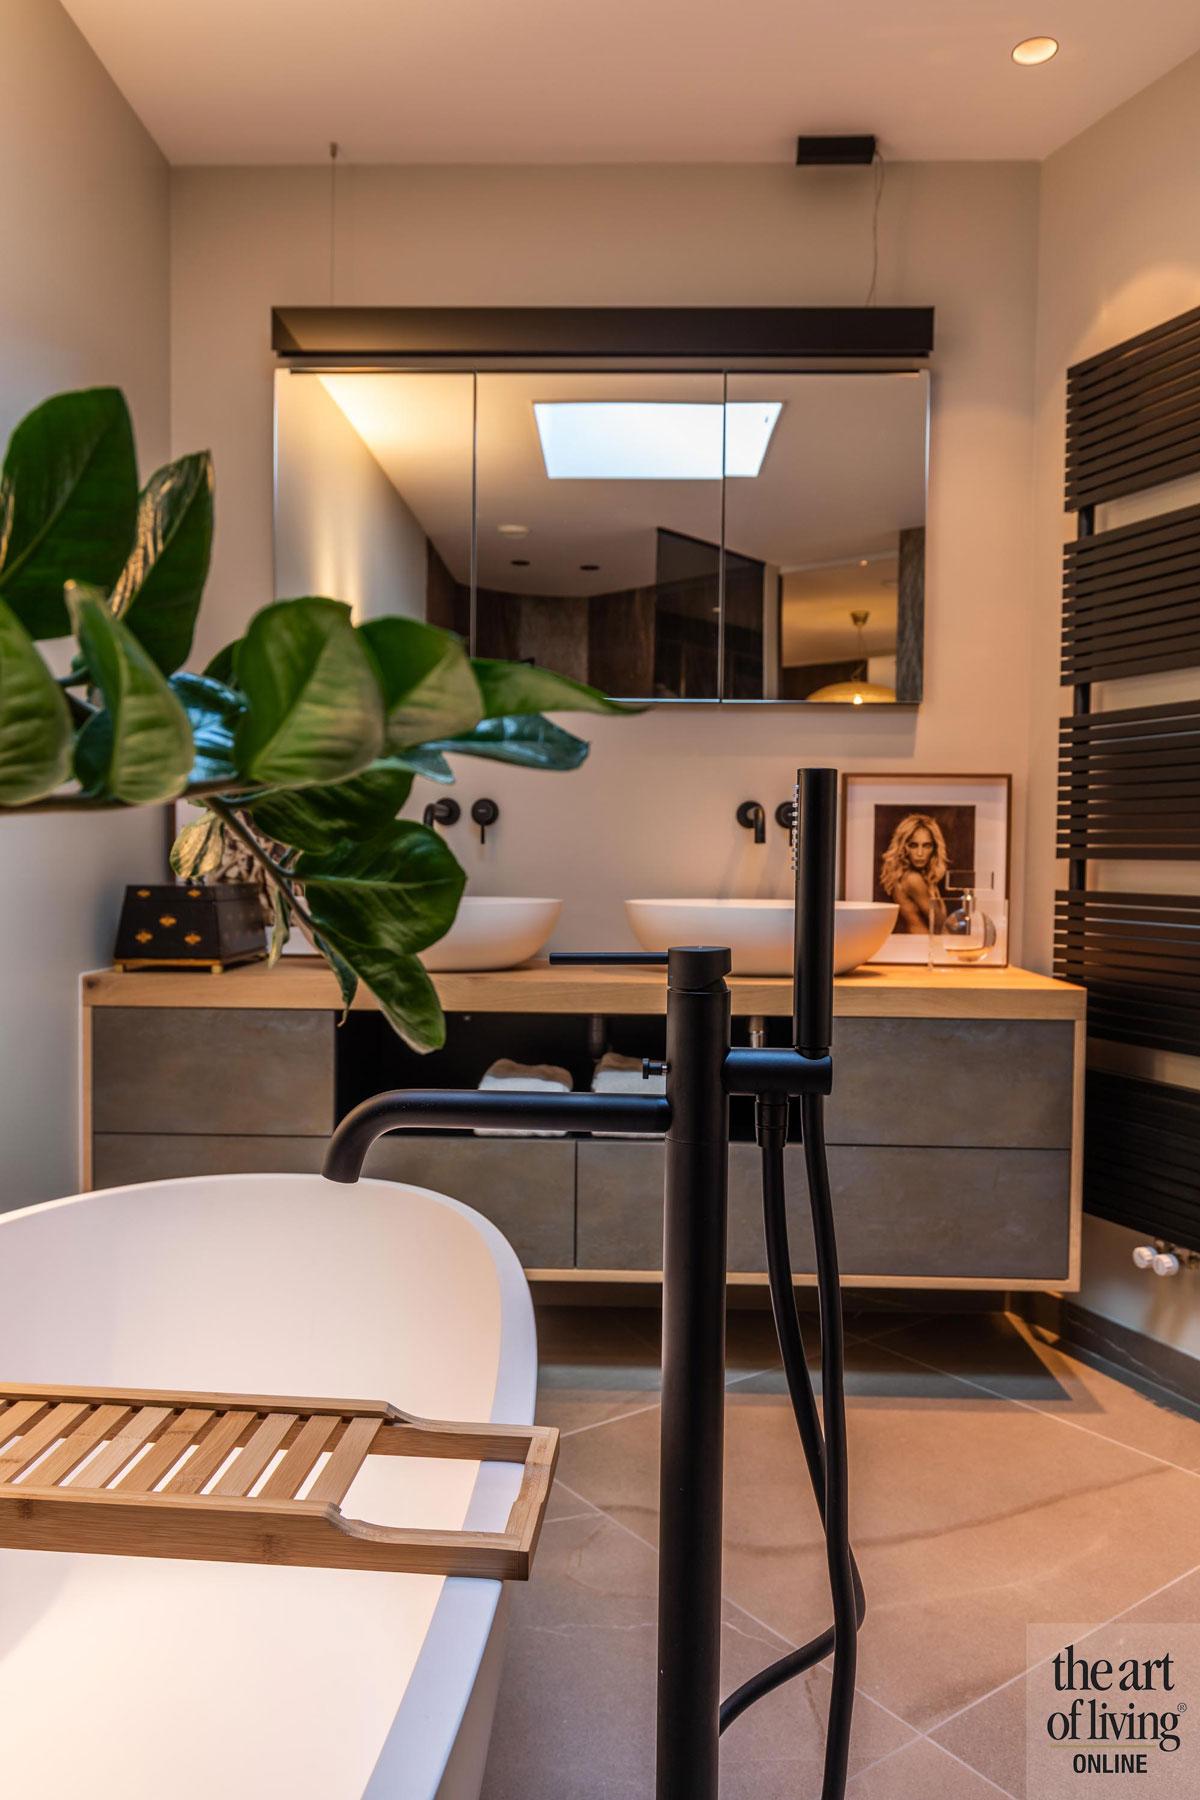 design interieur, Osiris Hertman, duinvilla, exclusief wonen, stalen deuren, cultureel erfgoed